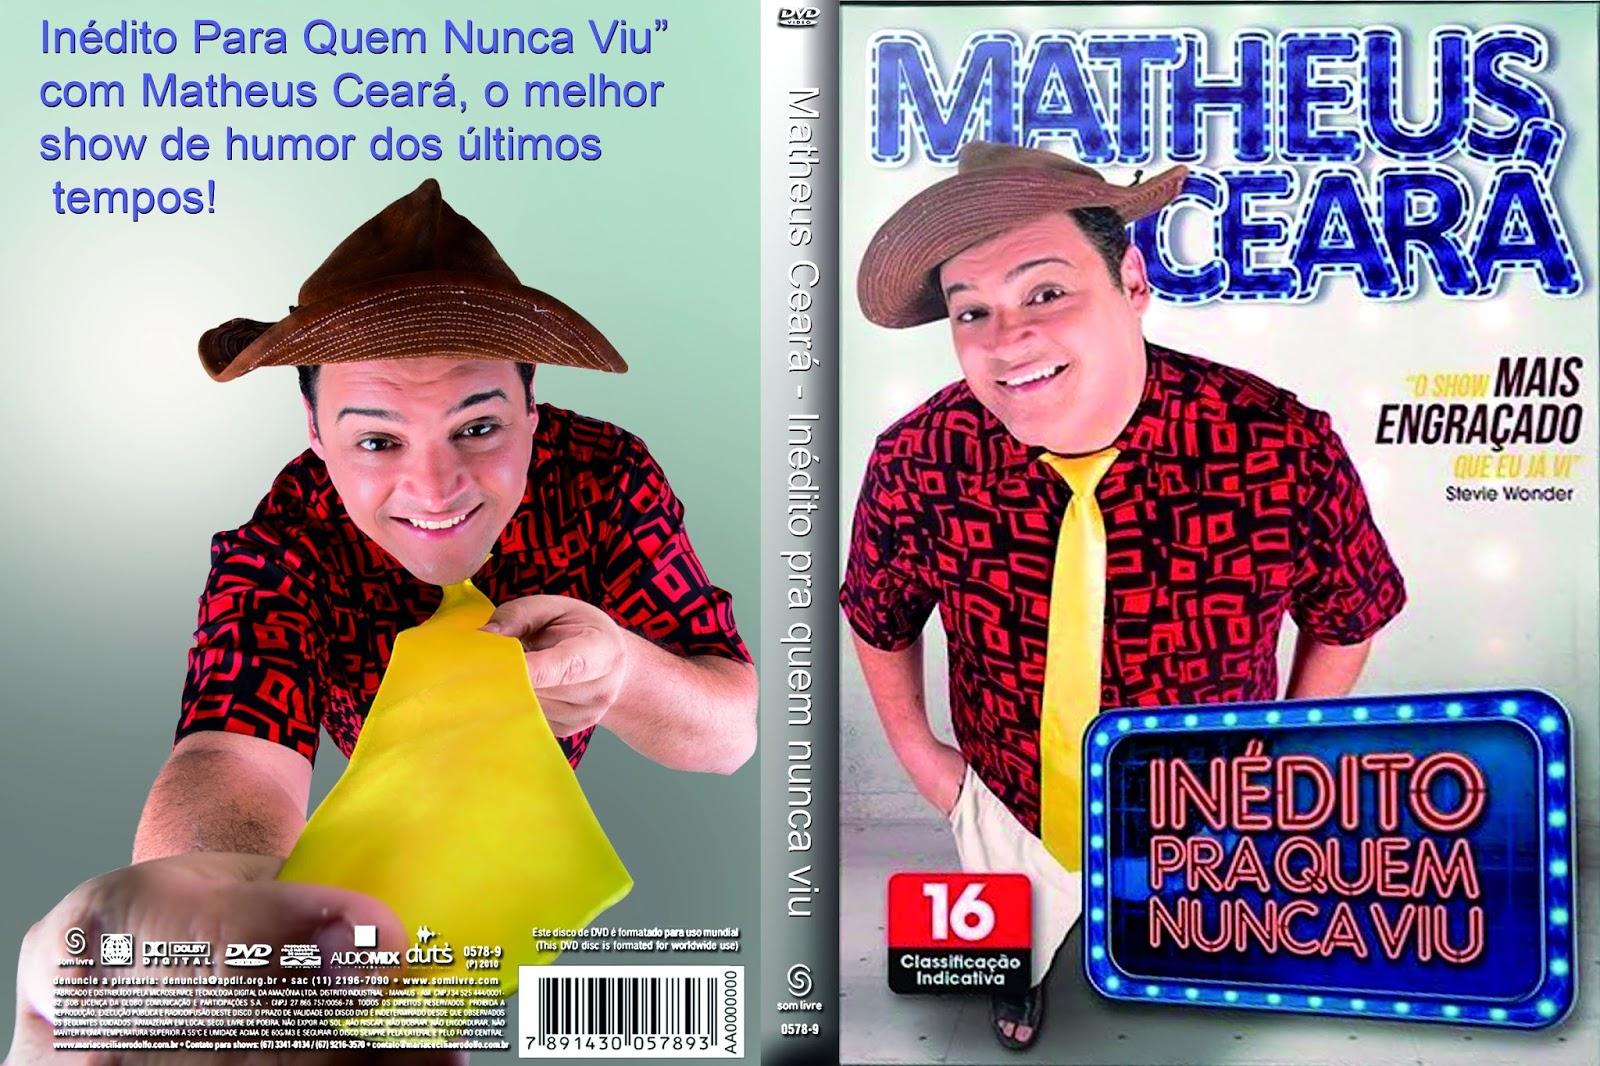 Matheus Ceará Inédito Pra Quem Nunca Viu 2016 Matheus 2BCear 25C3 25A1 2B  2BIn 25C3 25A9dito 2Bpra 2Bquem 2Bnunca 2Bviu